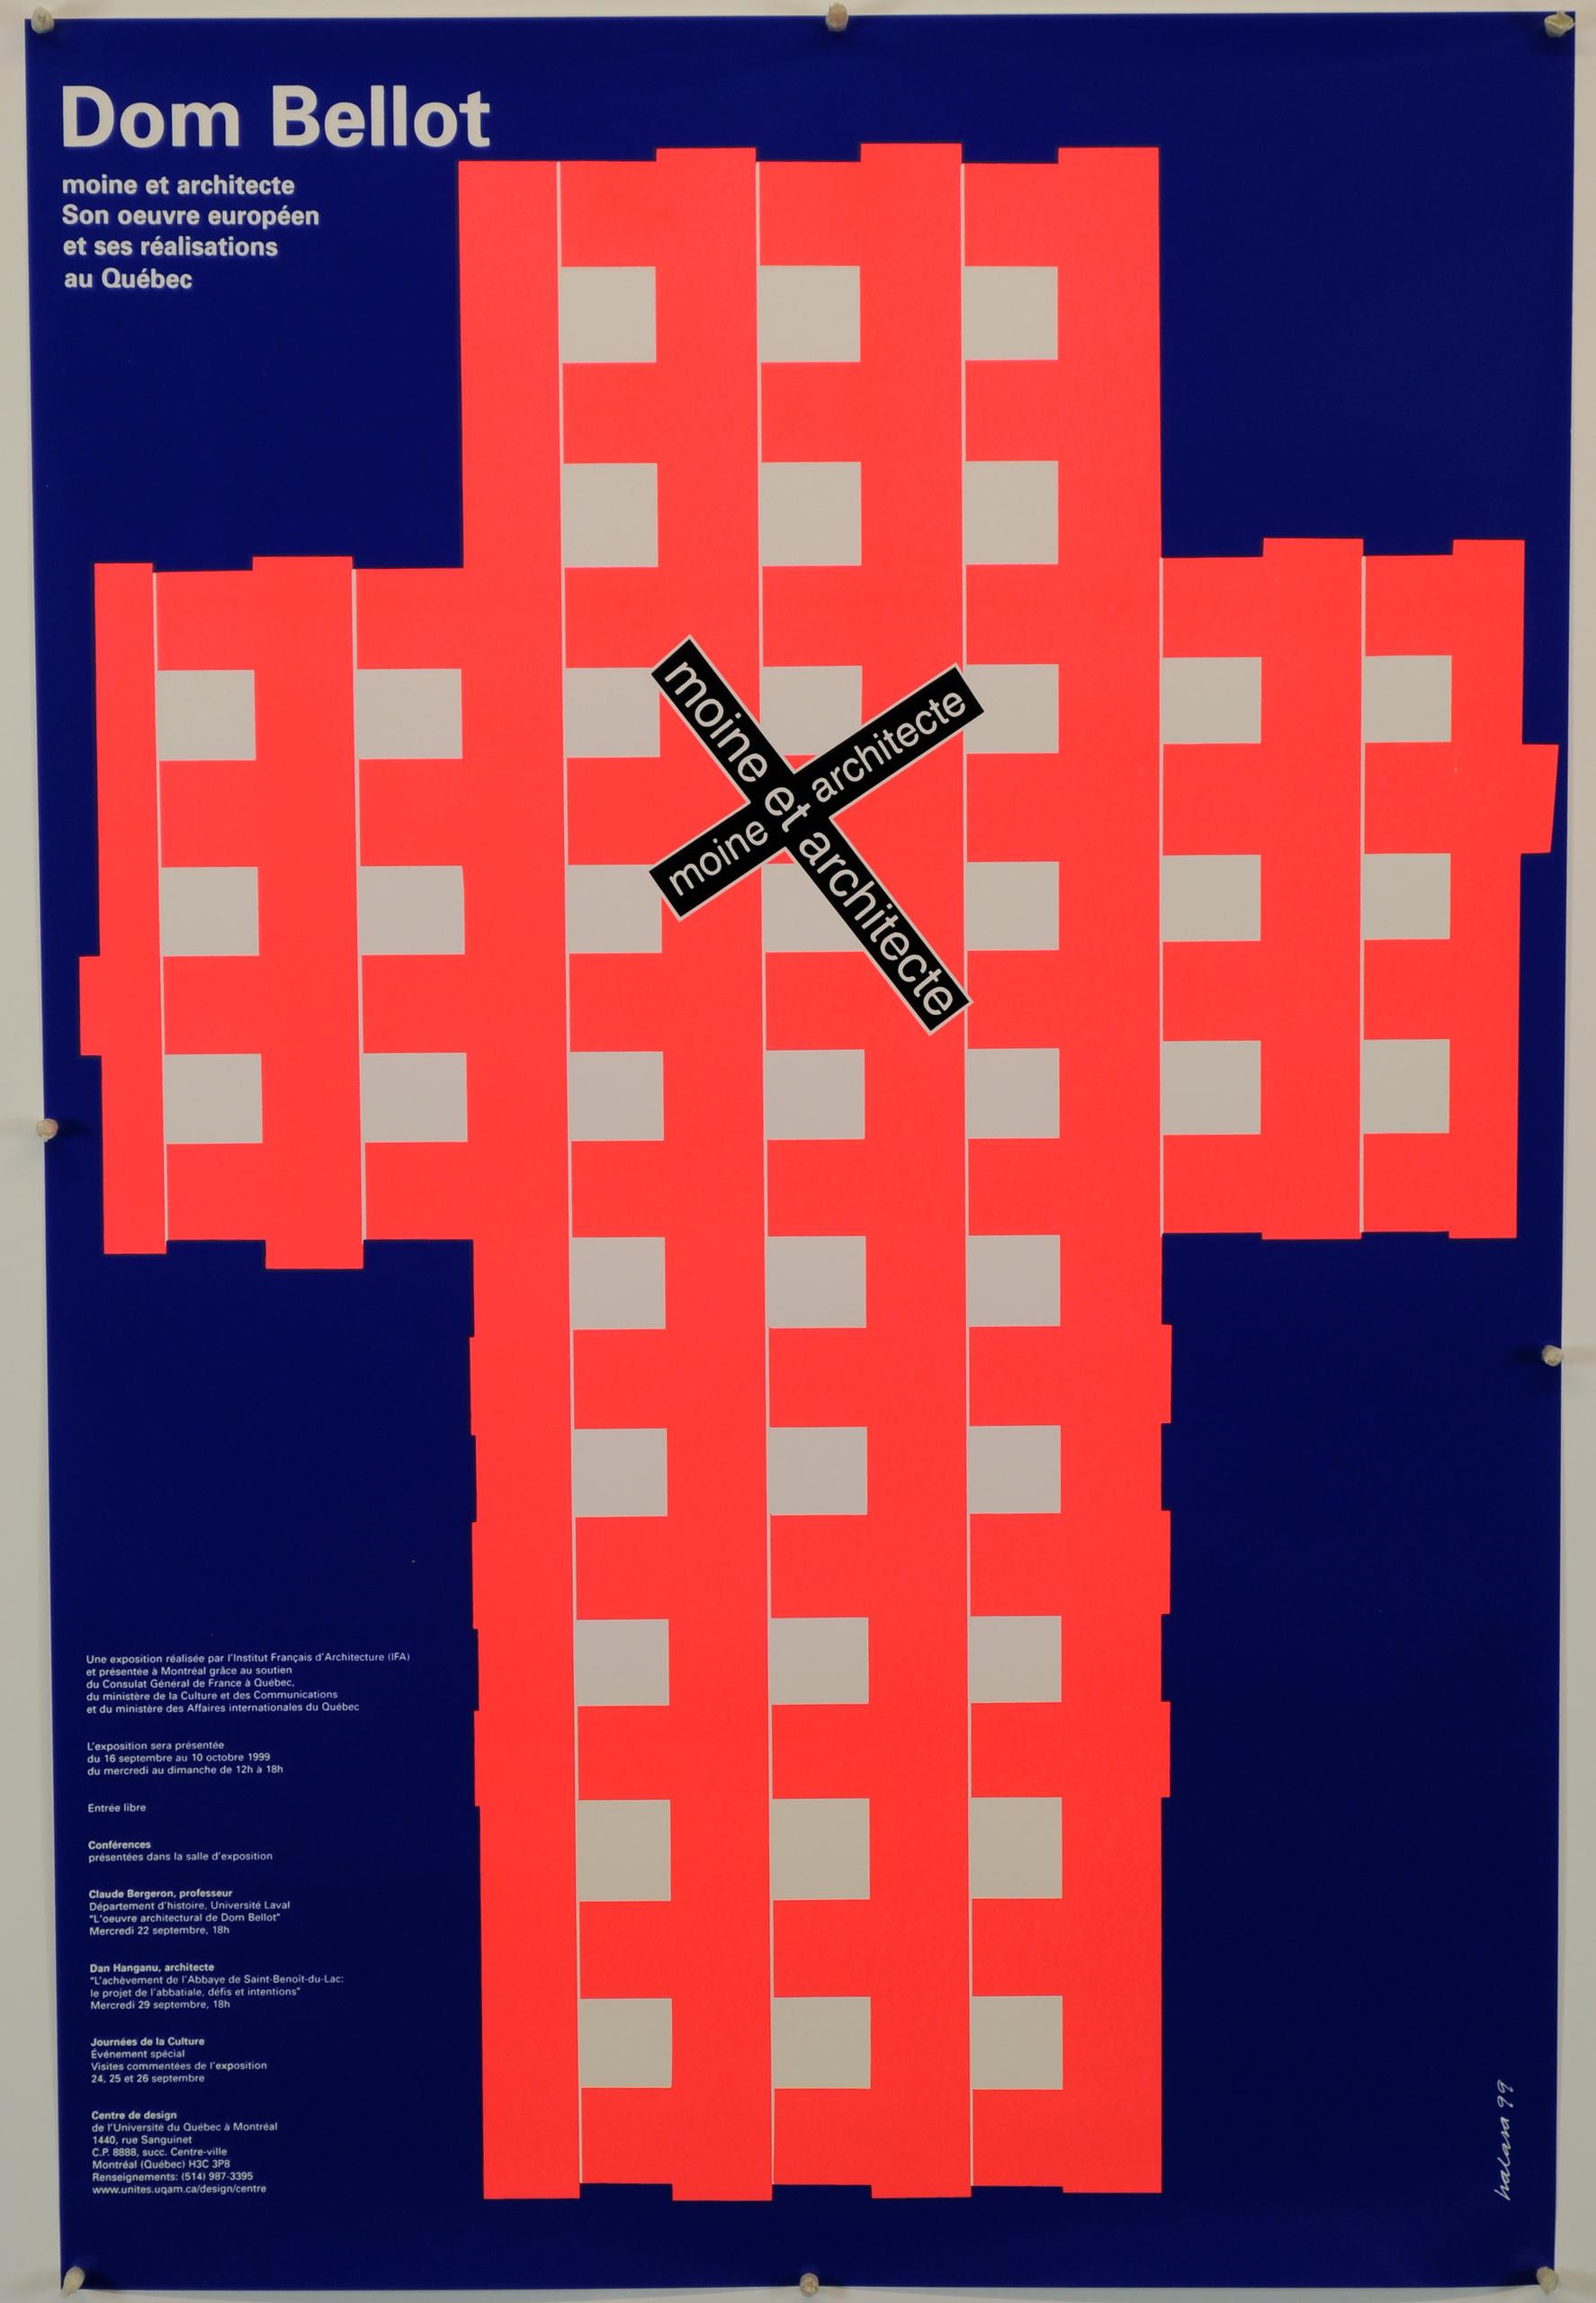 1999 - Exposition - Dom Bellot moine et architecte Son oeuvre européen et ses réalisation au Québec ©Alfred Halassa